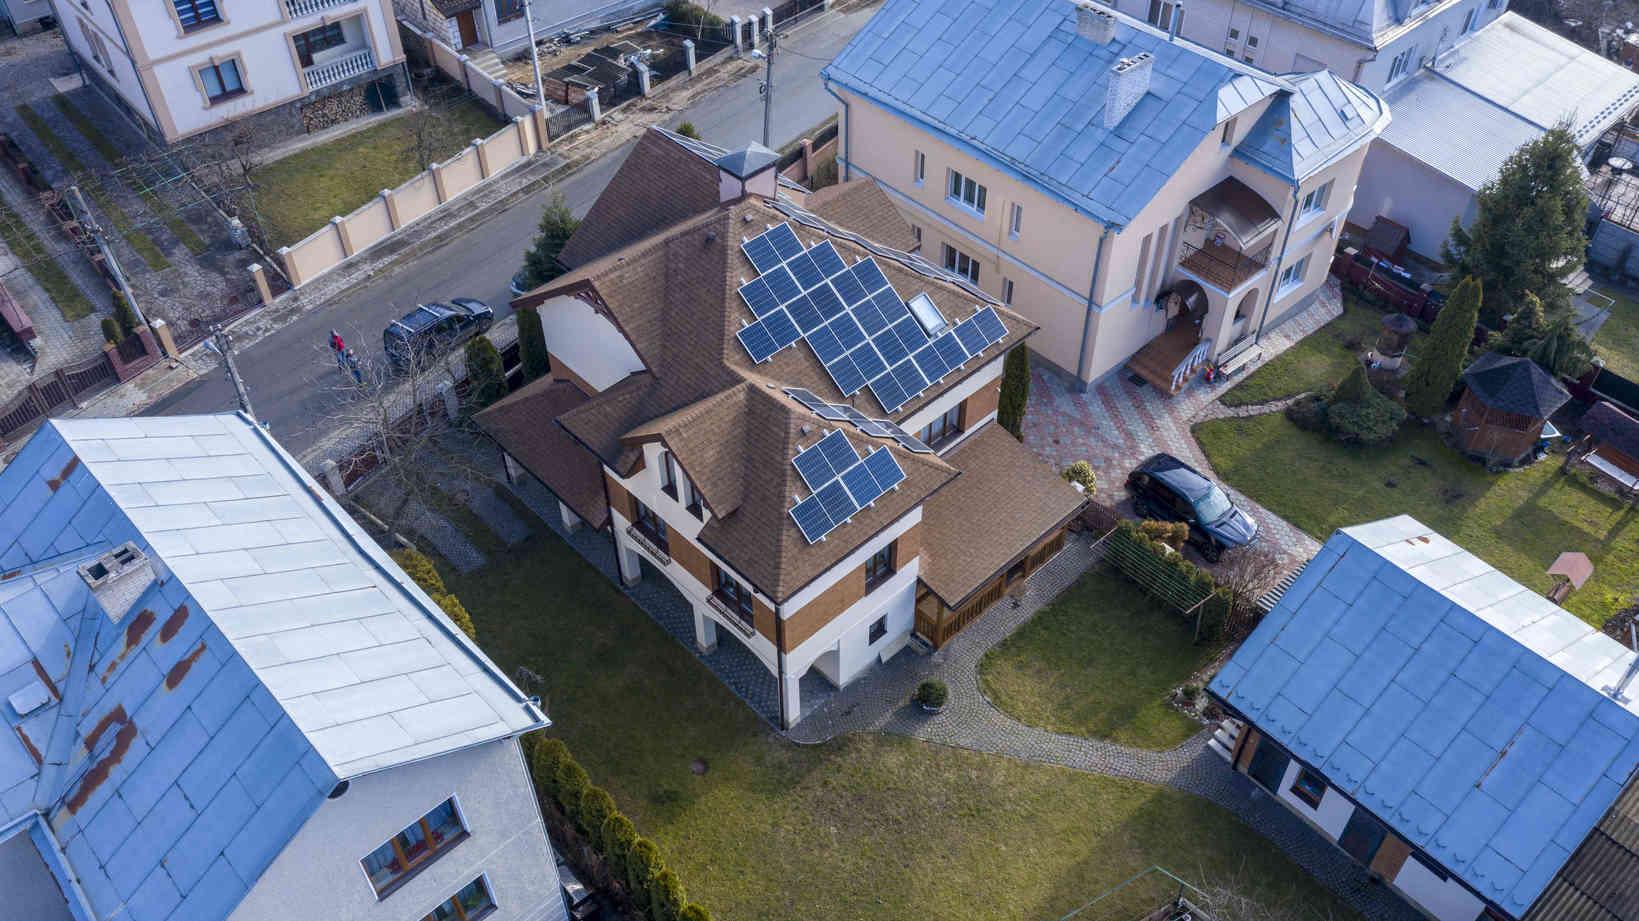 Мережева сонячна електростанція (СЕС) потужністю 25,29 кВт – Фотозвіт #4